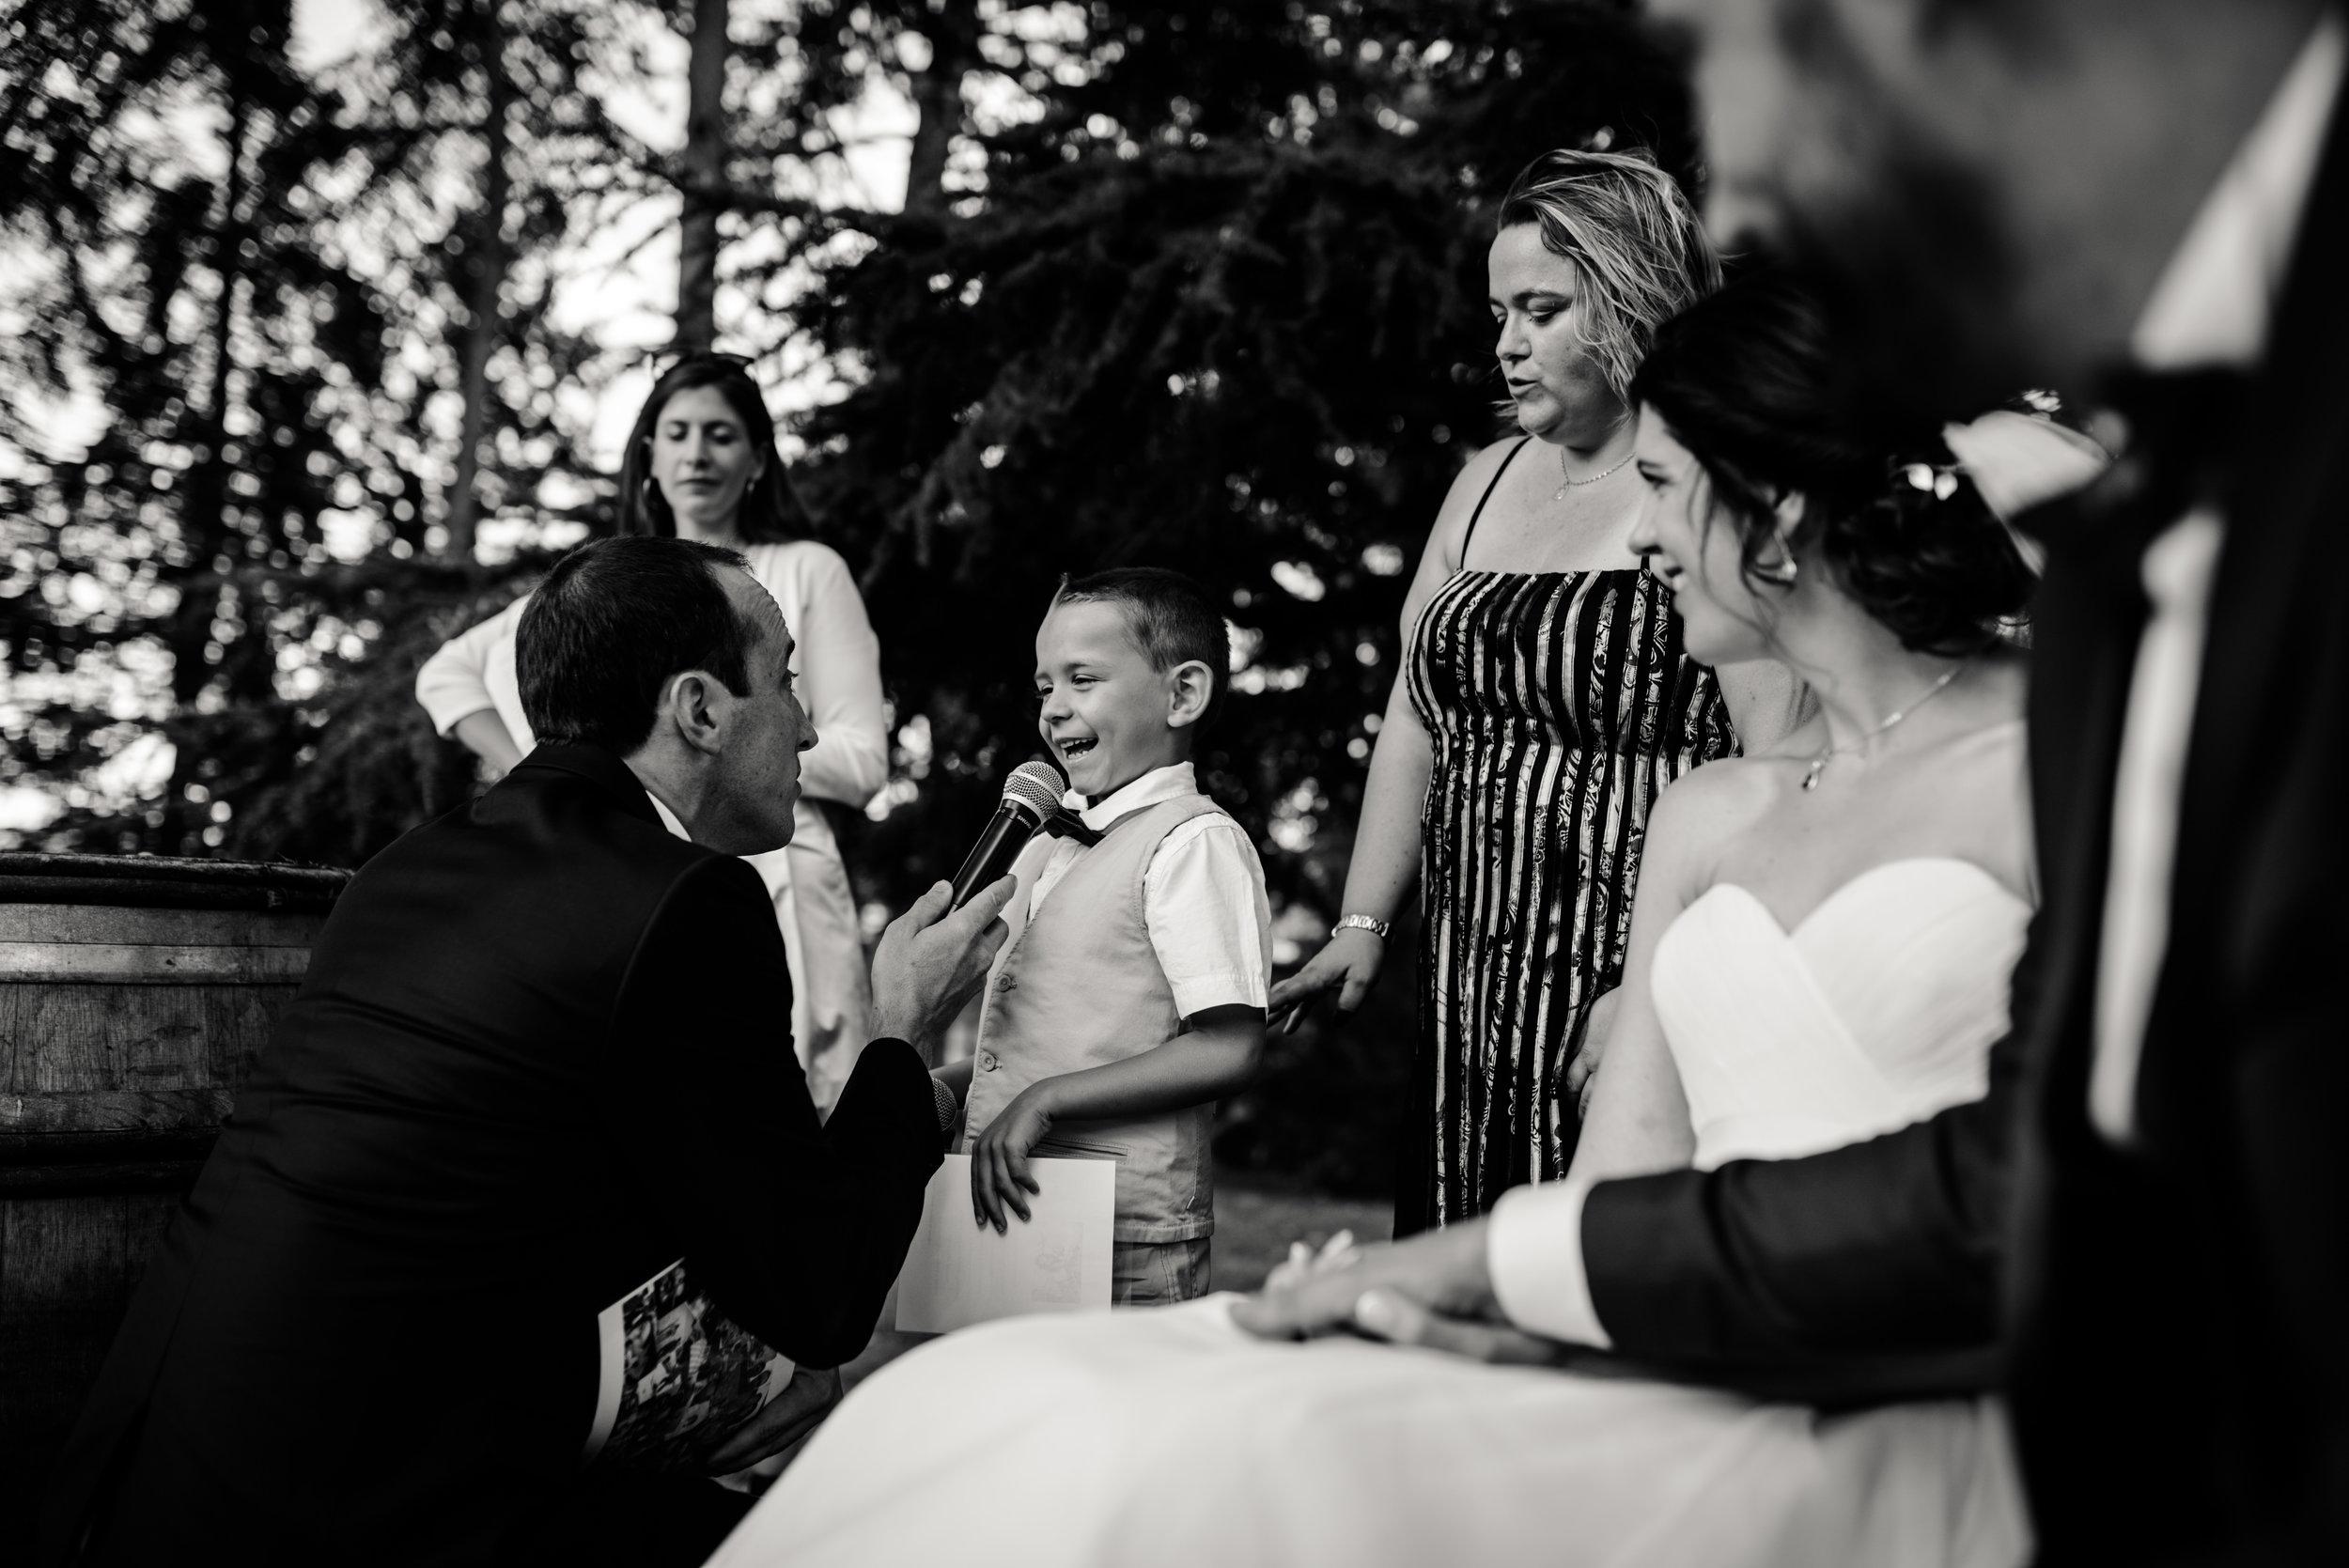 Léa-Fery-photographe-professionnel-lyon-rhone-alpes-portrait-creation-mariage-evenement-evenementiel-famille--23.jpg